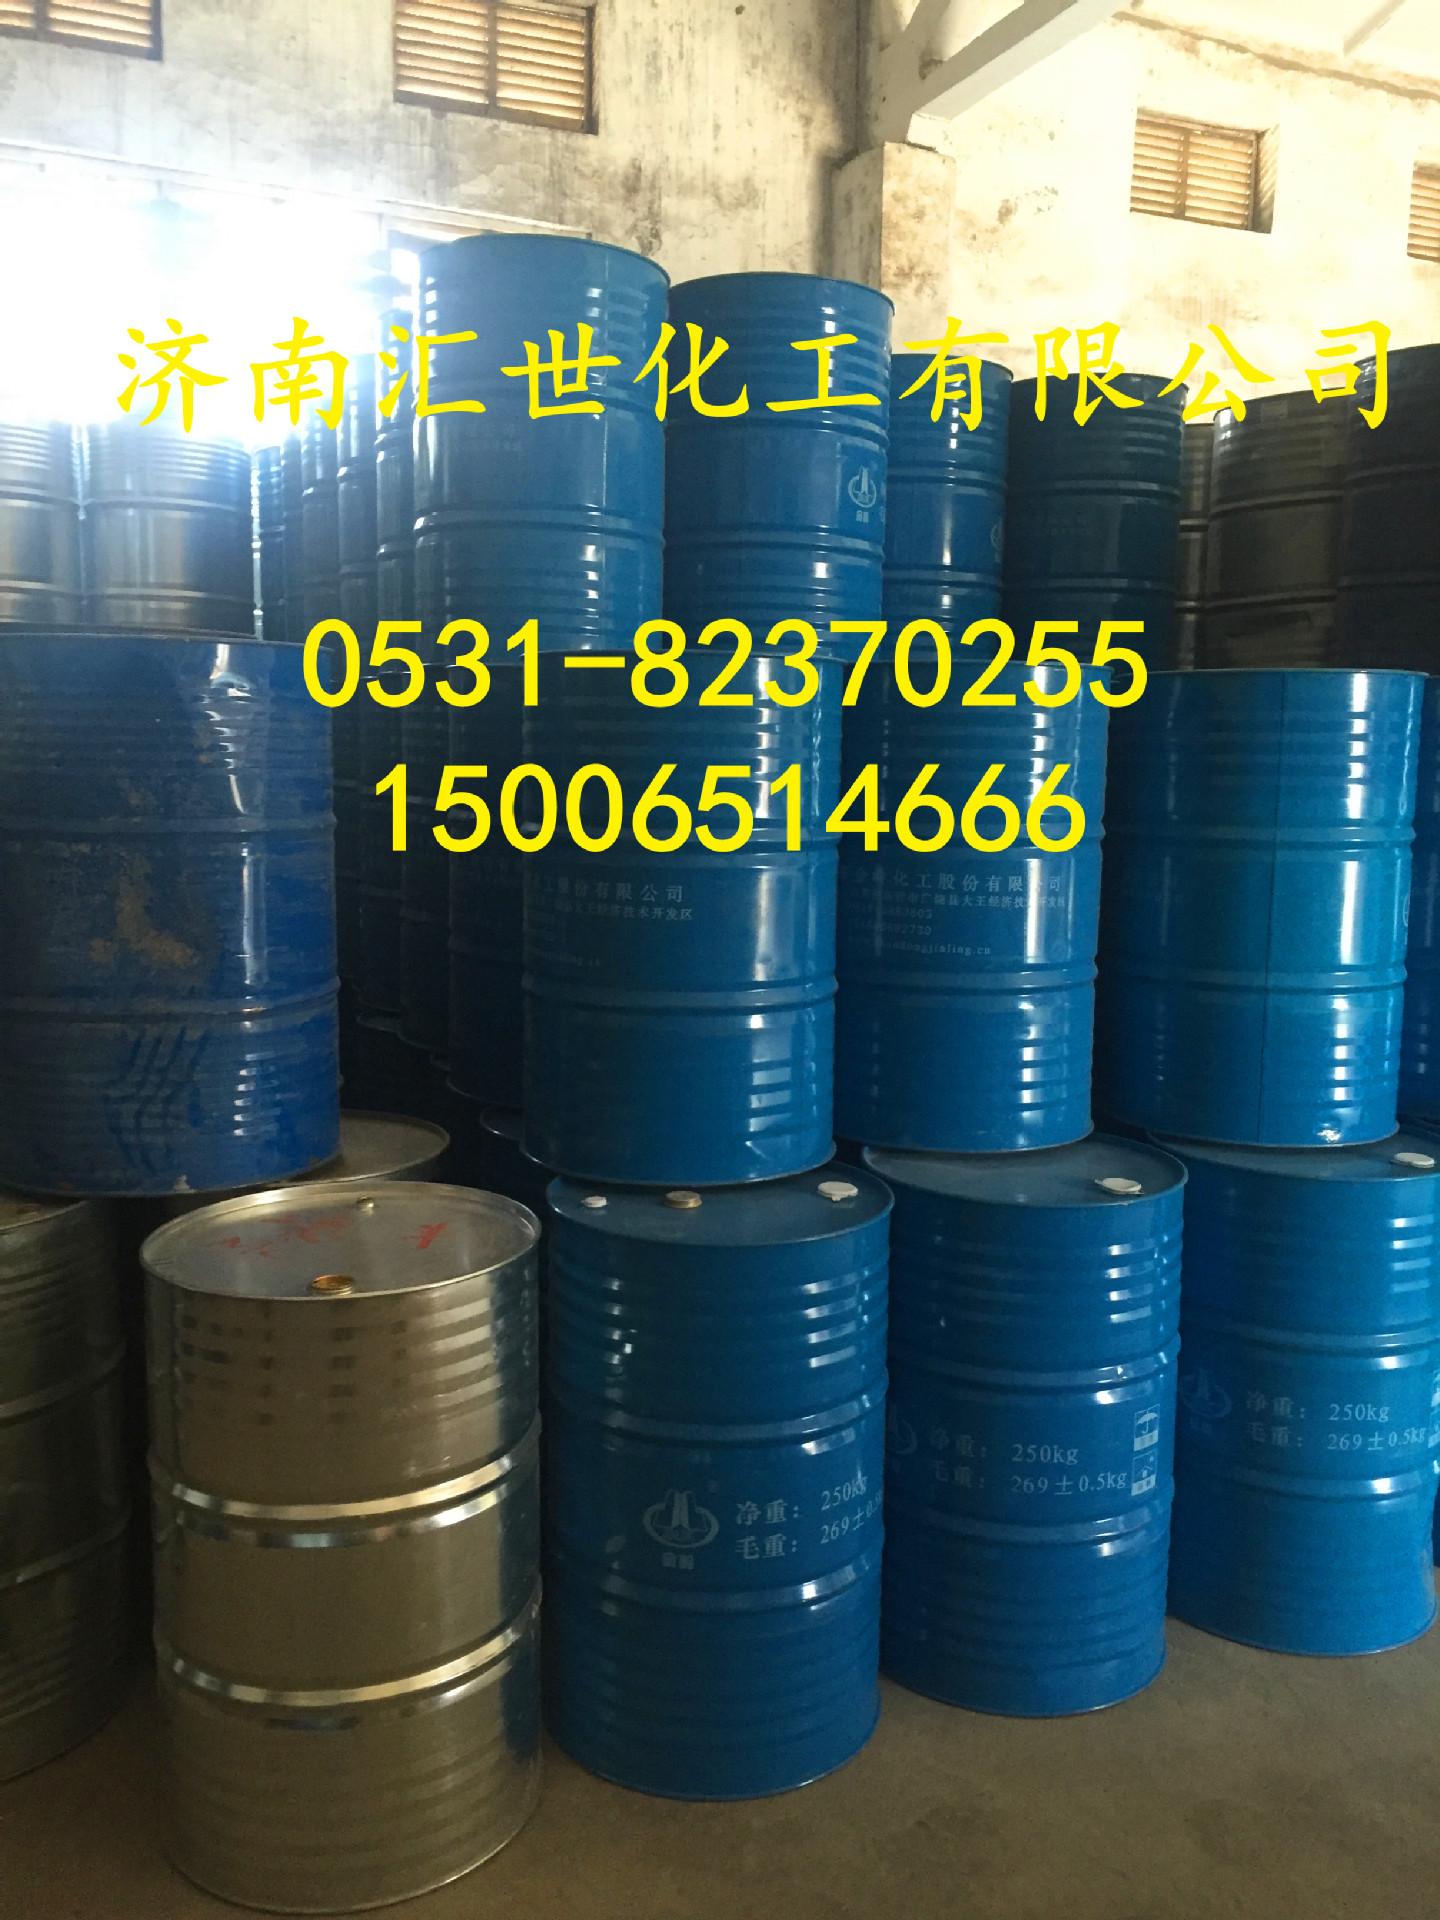 Nhóm hữu cơ (Hydrôcacbon)  The supply of high-quality manufacturers selling quality GB dichlorometha